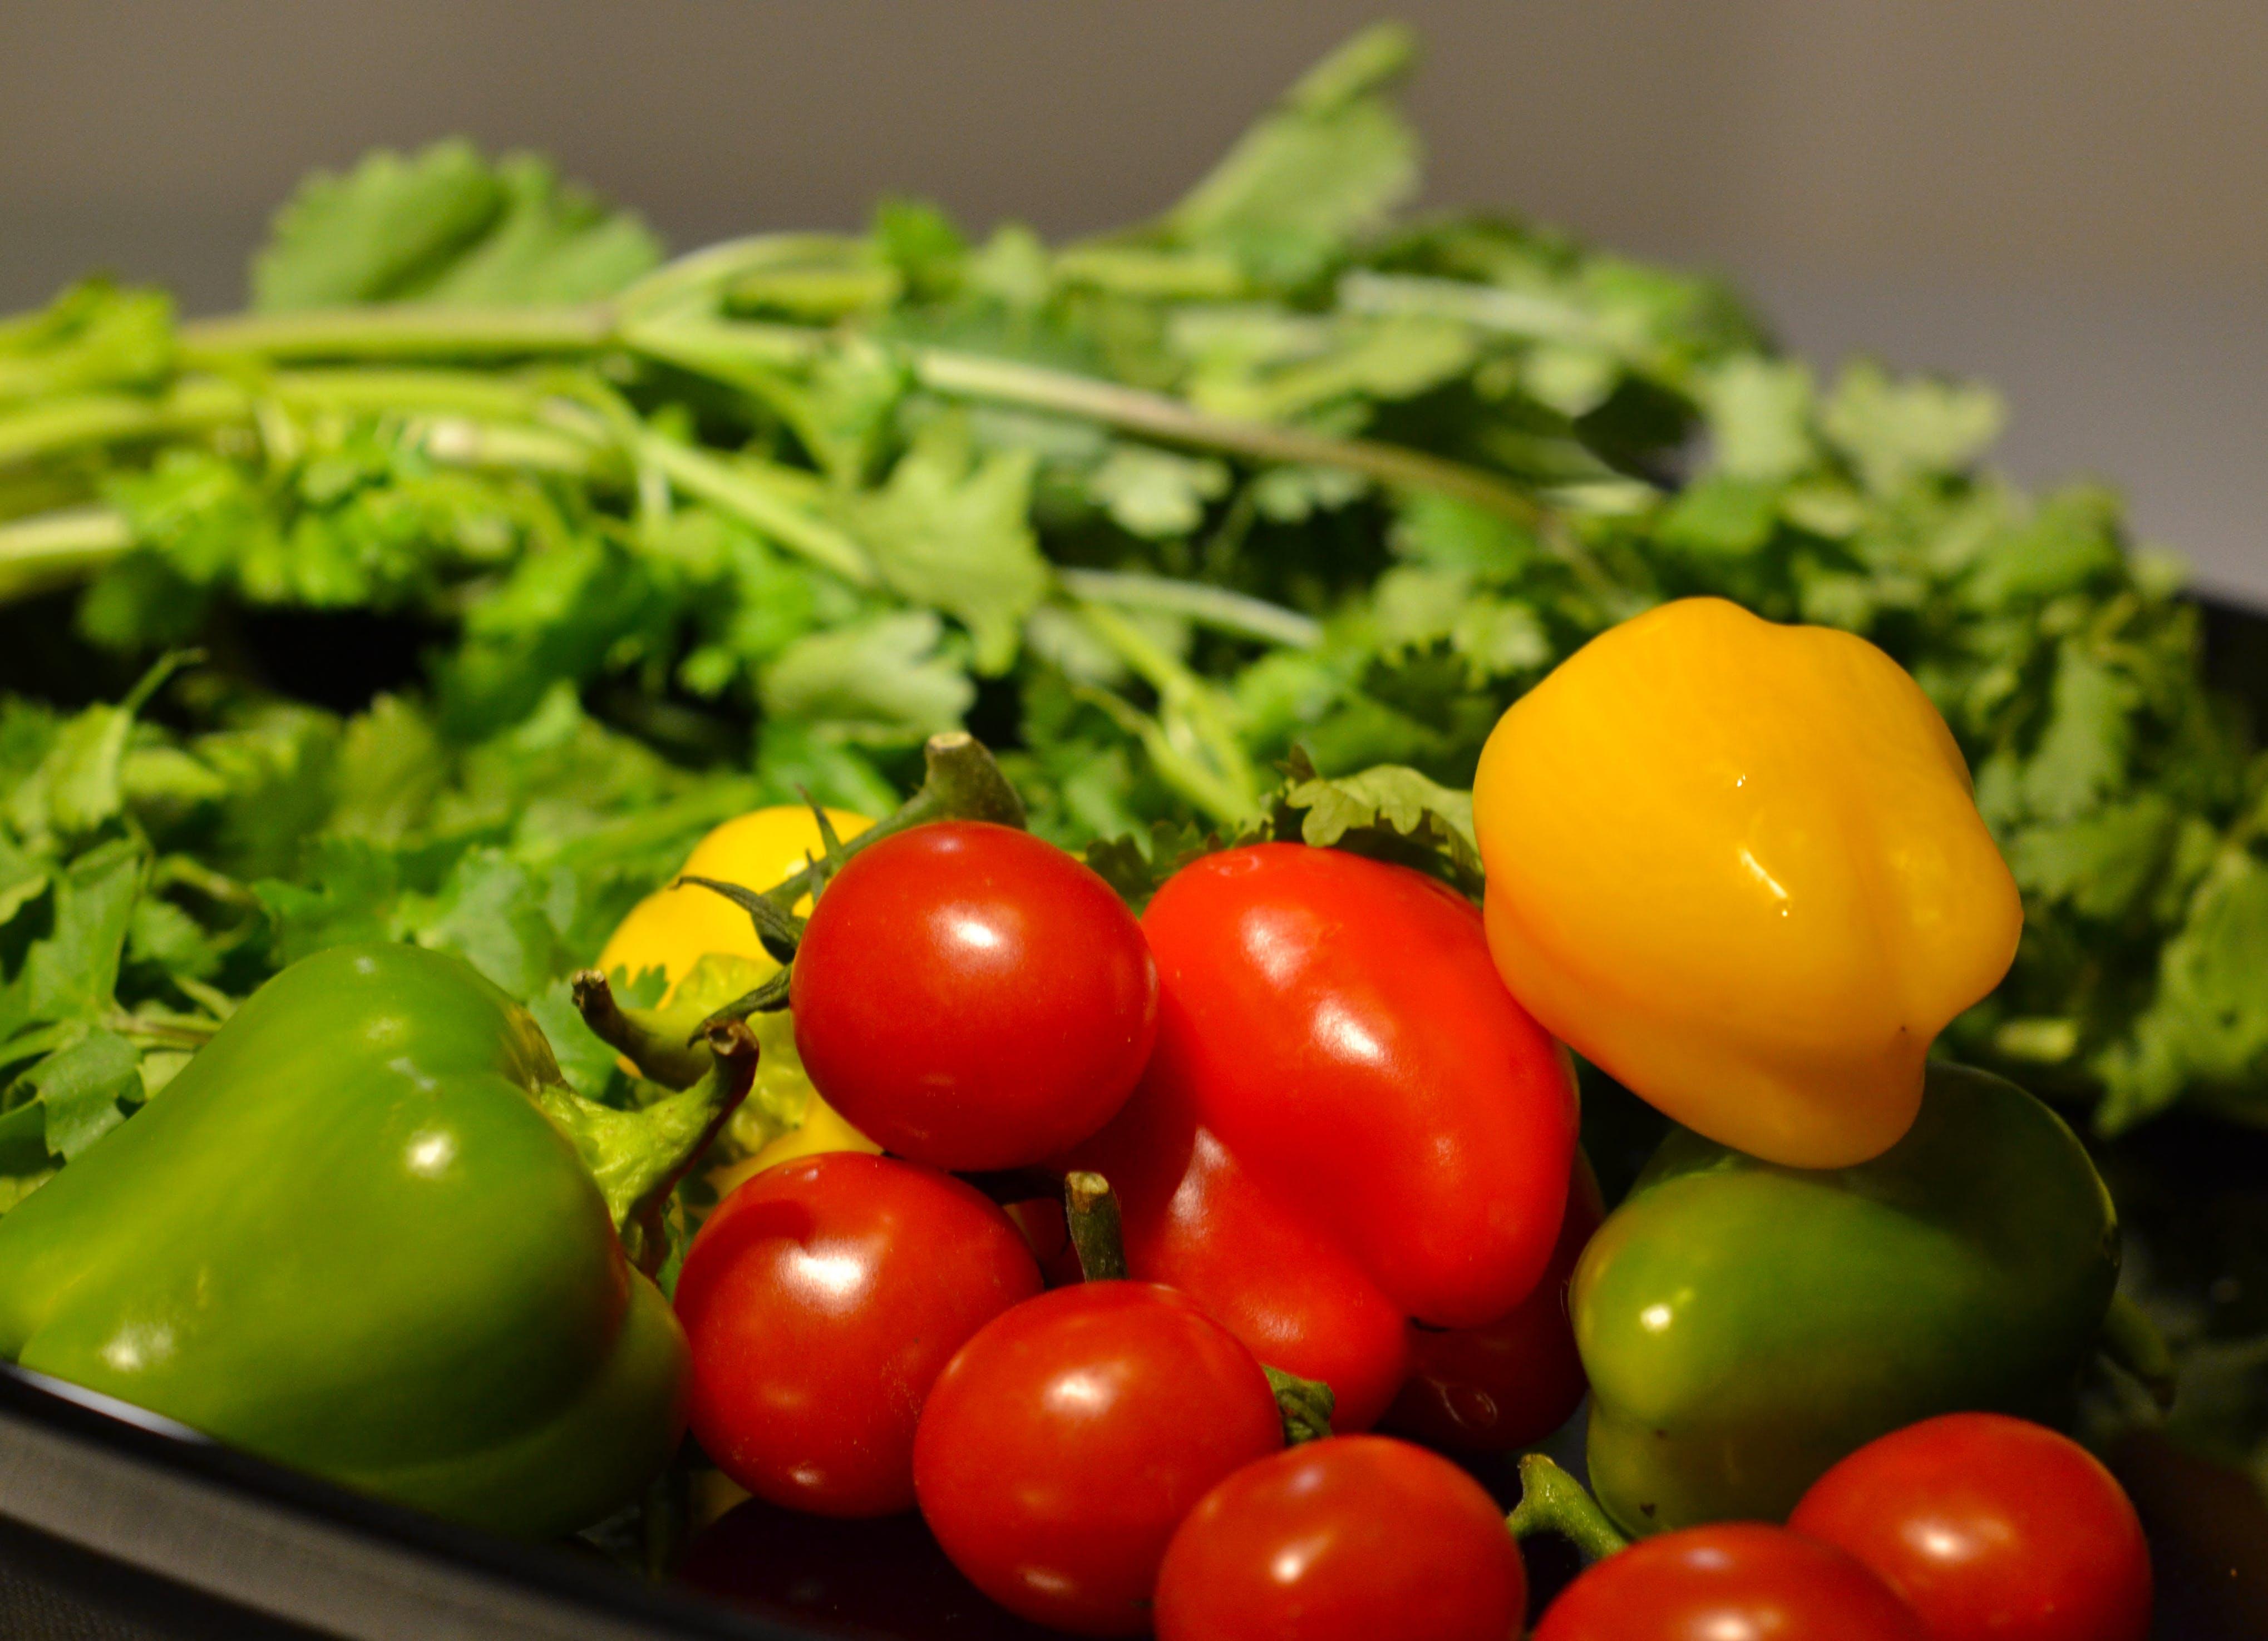 건강식품, 건강한, 건강한 생활, 건강한 식단의 무료 스톡 사진